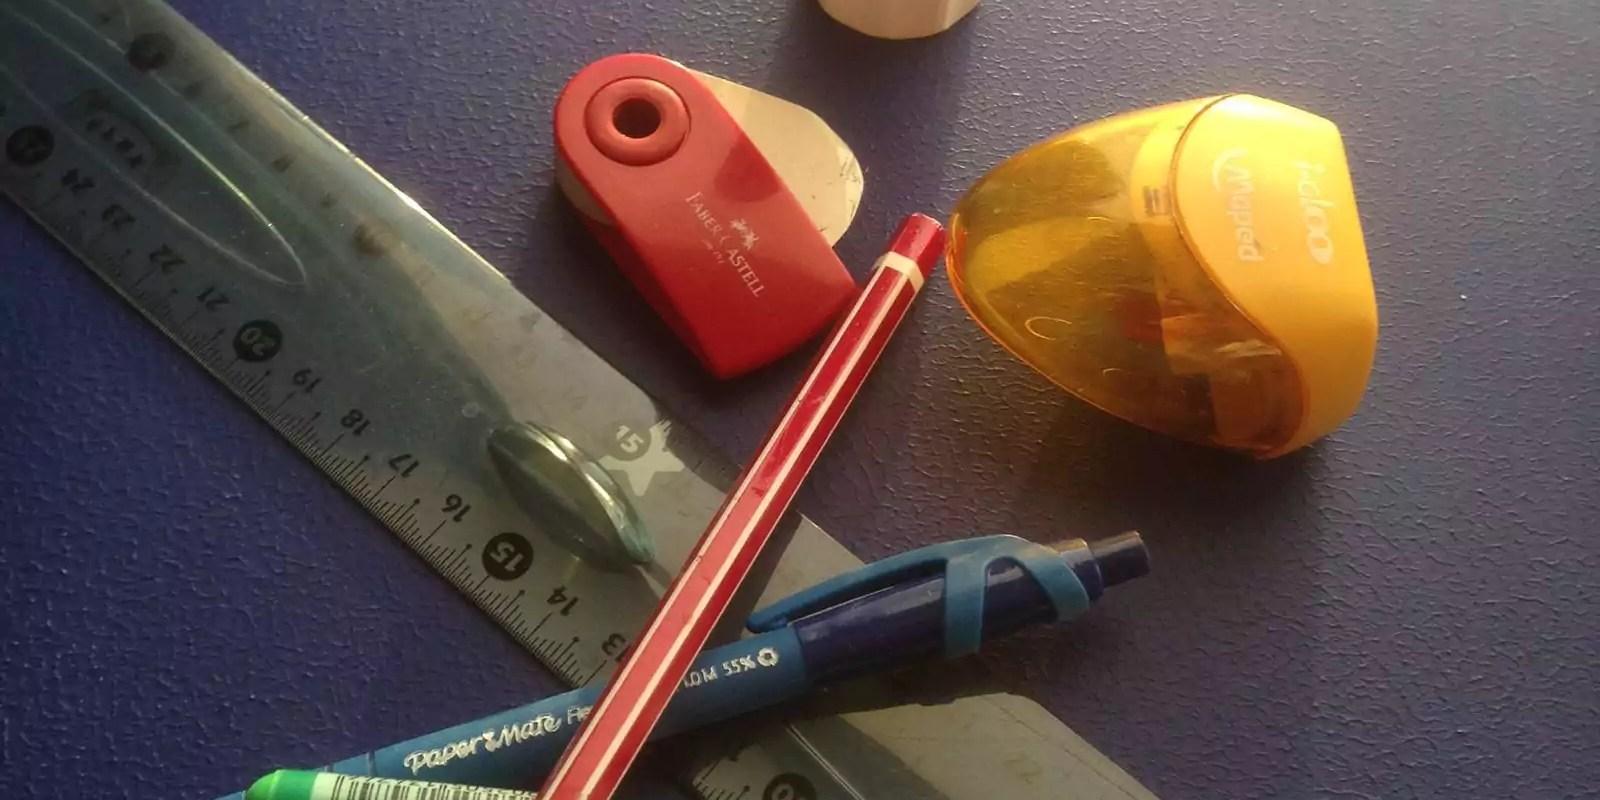 Vous avez les crayons, apprenez leur à s'en servir maintenant